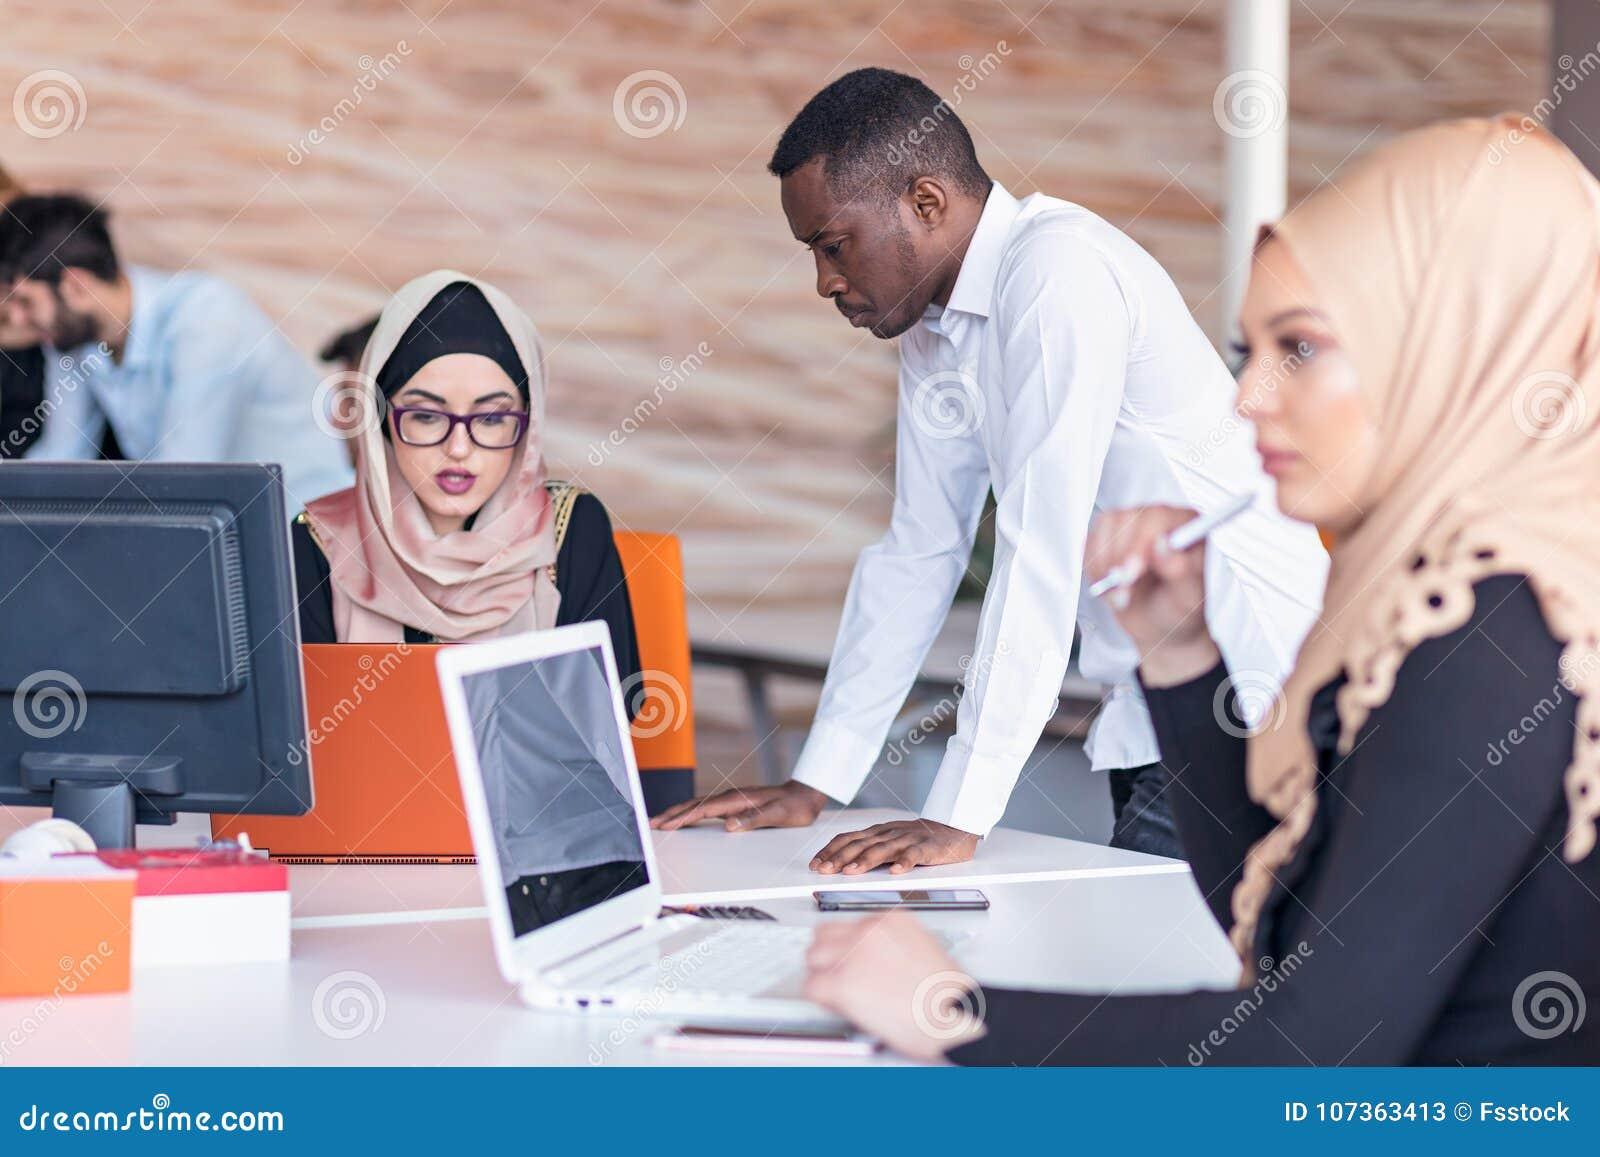 Jonge bedrijfsmensen die op kantoor aan nieuw project werken opstarten, concept, team